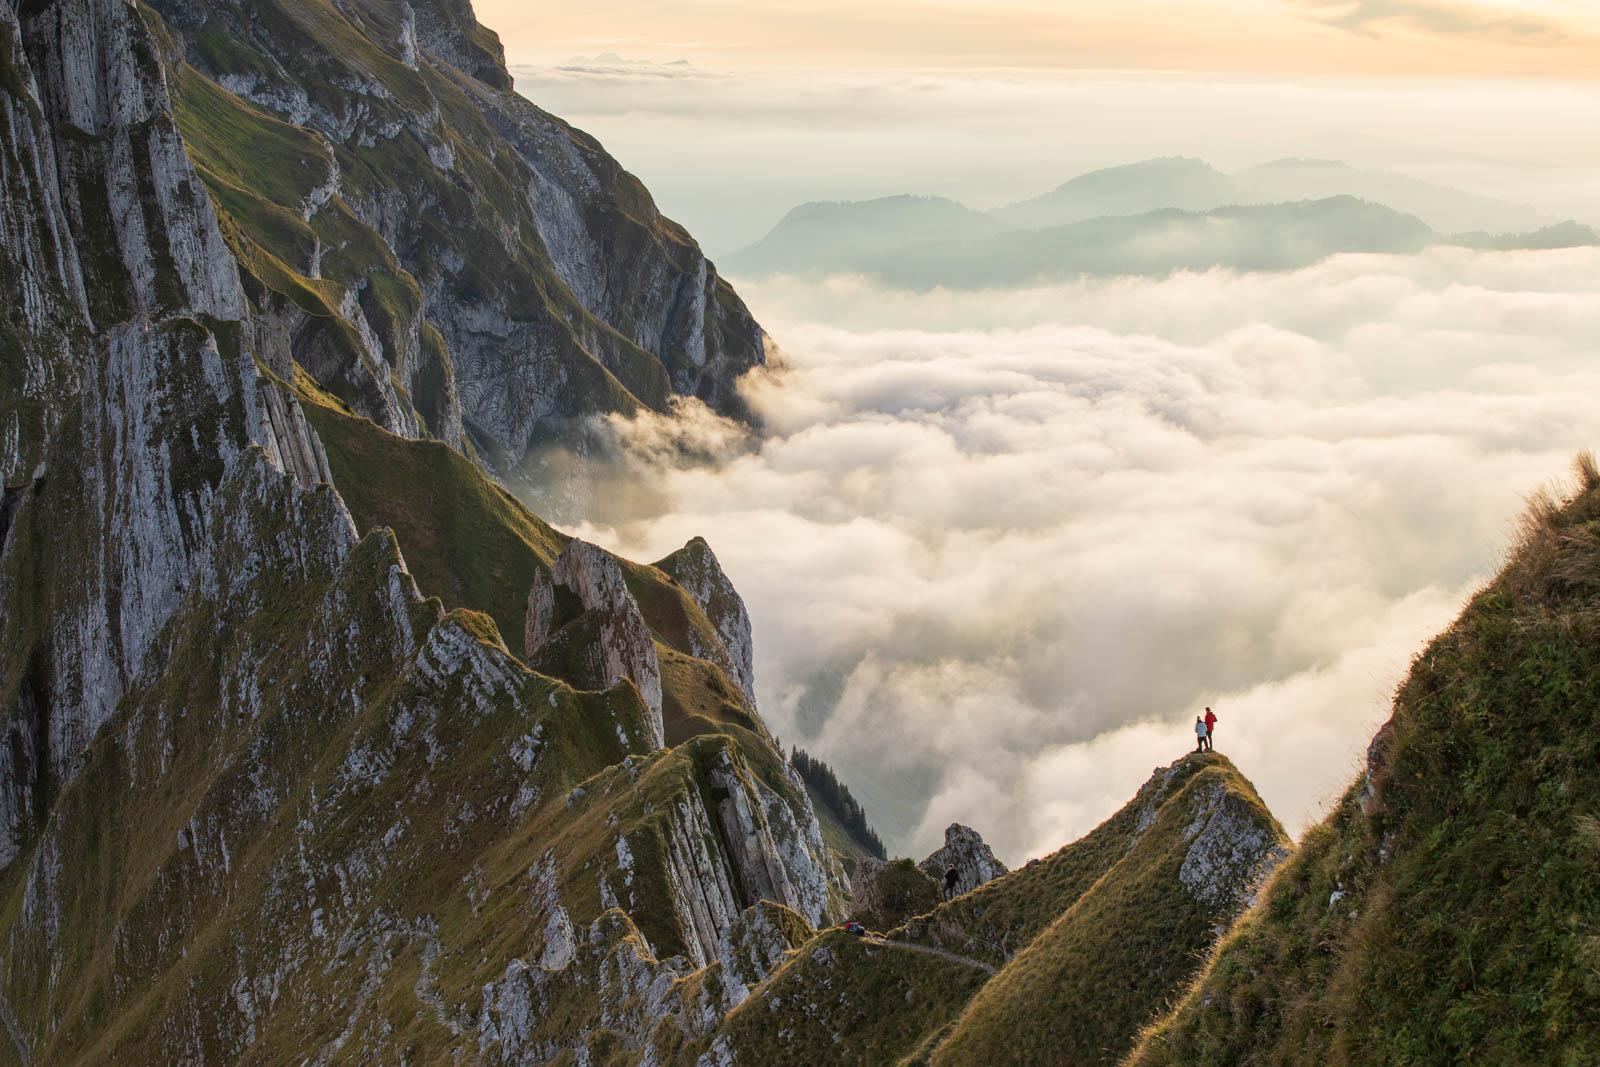 Photo: Über dem Nebel